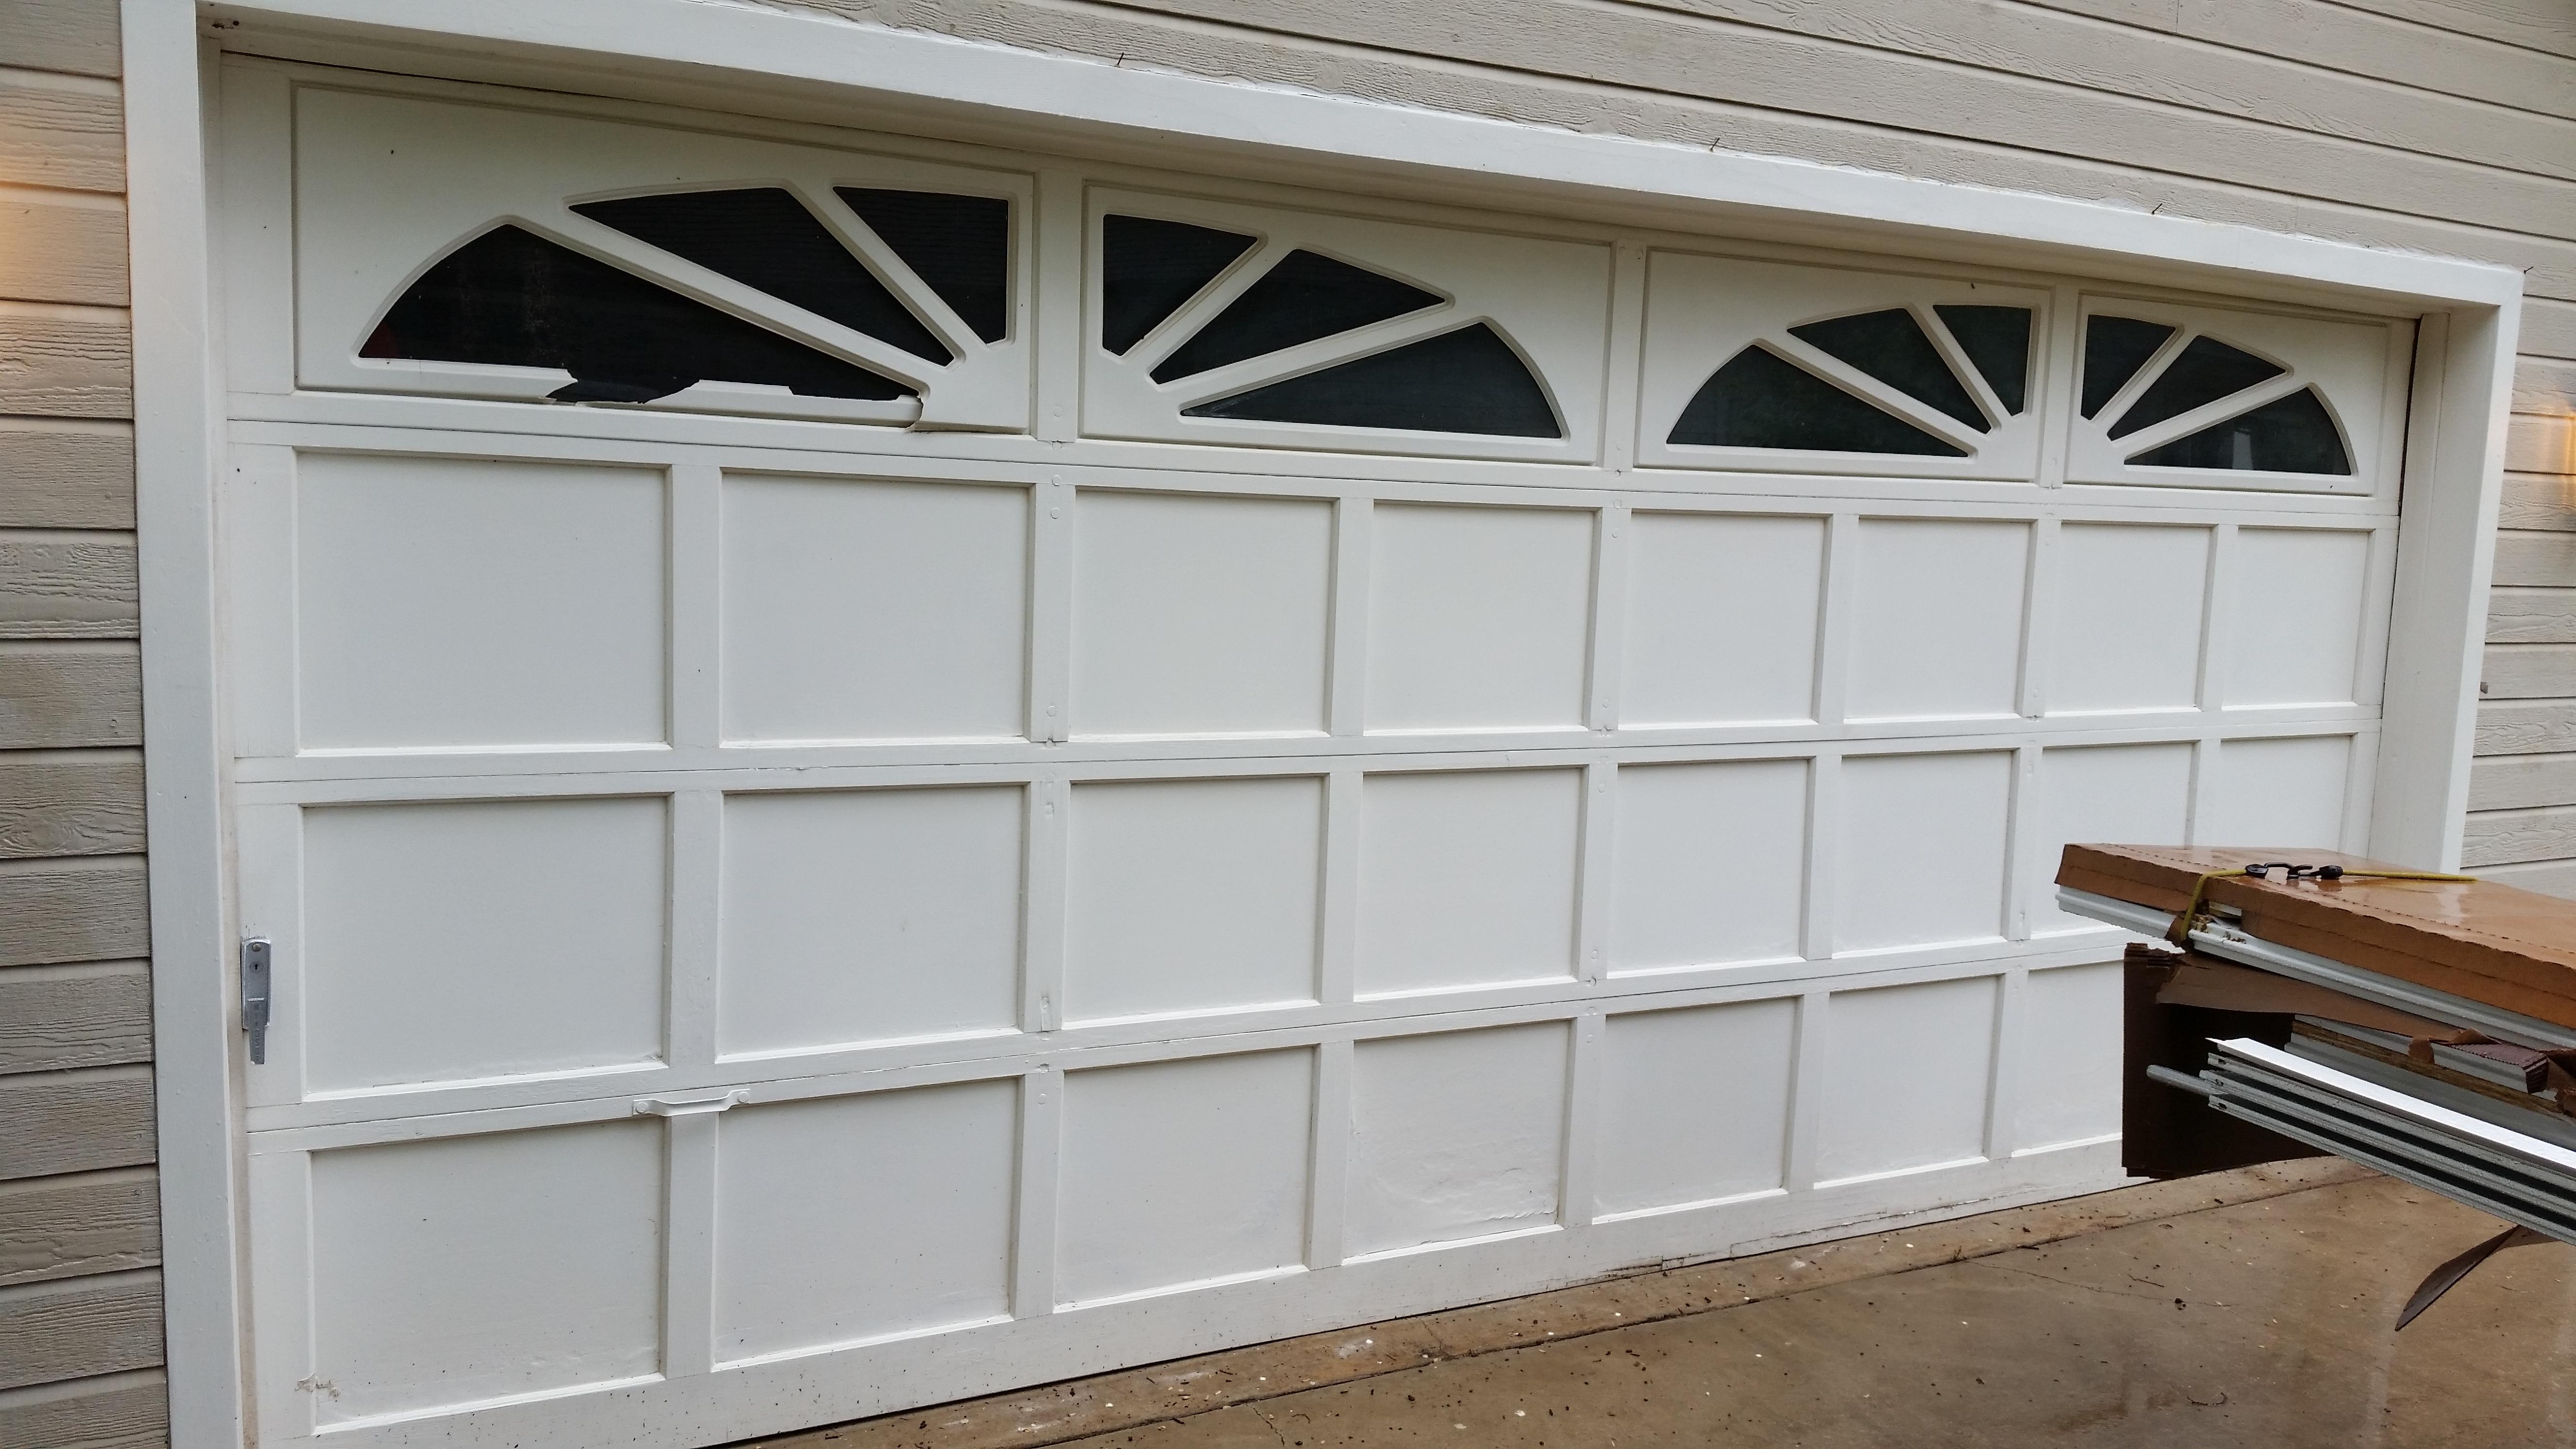 Top quality overhead door in bluejacket ok 74333 for Overhead garage door okc